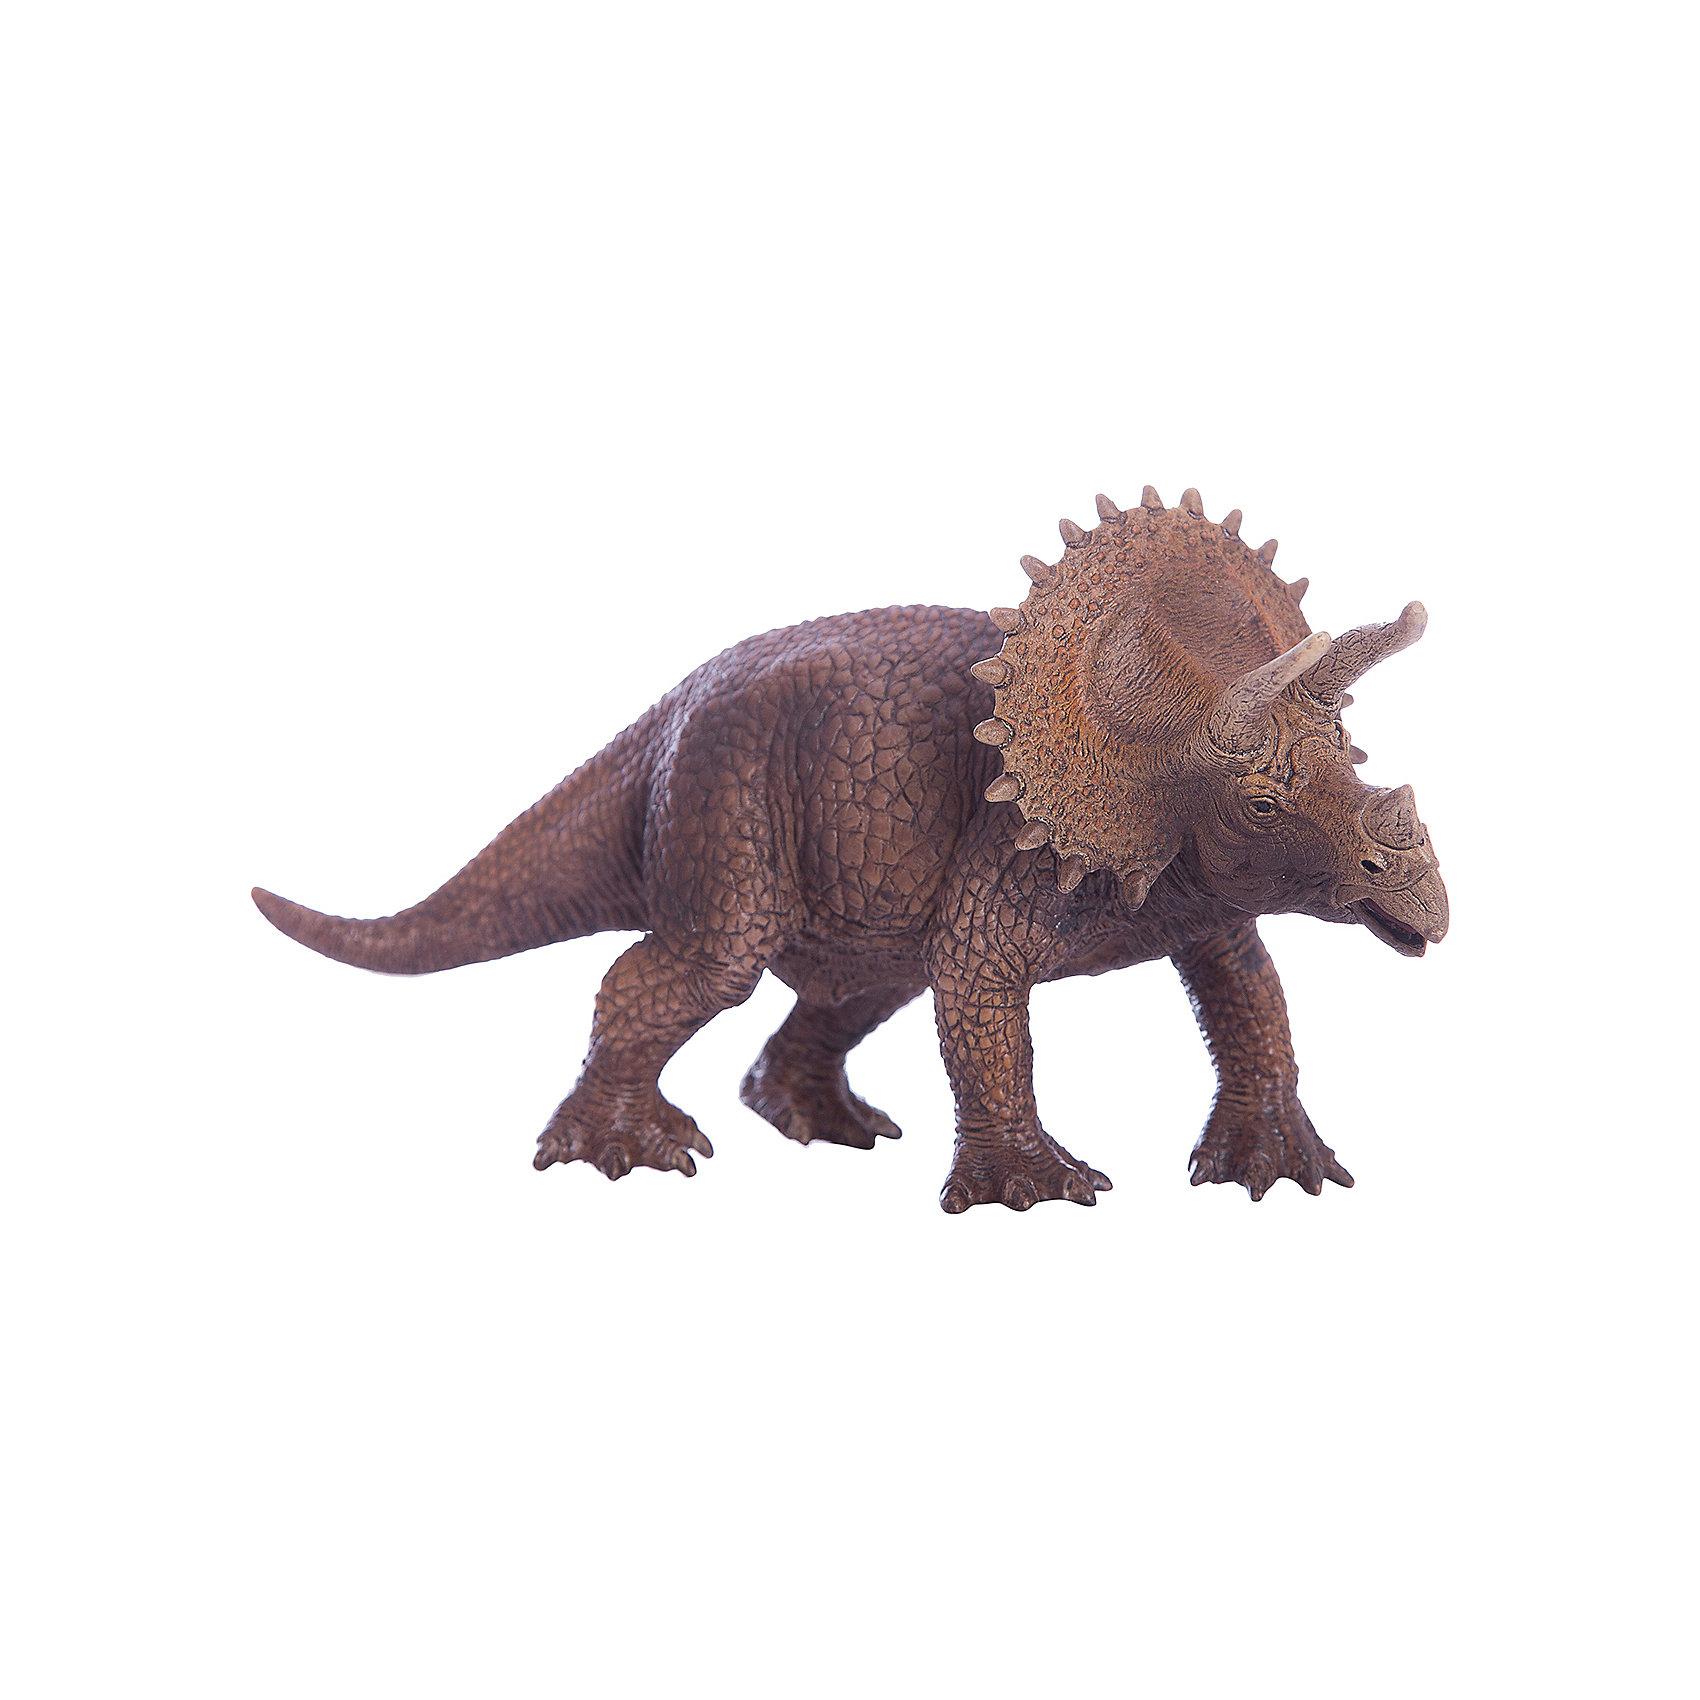 Трицераптор, SchleichДраконы и динозавры<br>Трицераптор получил свое название от трех древнегреческих слов, которые переводятся на русский язык как «три», «рог», «морда, лицо». Действительно, эти животные имели три рога на голове, ходили на четырех тяжелых толстых ногах и имели хвост. Широкую известность эти динозавры получили благодаря костяному воротнику сравнительно больших размеров. До сих пор неизвестно для каких целей Трицераптор применял свои рога.<br><br>Дополнительная информация:<br><br>Материал: каучуковый пластик<br>Размеры: 20,0 ? 8,0 ? 10,5 см<br><br>Трицераптора, Schleich (Шляйх) можно купить в нашем магазине.<br><br>Ширина мм: 200<br>Глубина мм: 78<br>Высота мм: 64<br>Вес г: 278<br>Возраст от месяцев: 36<br>Возраст до месяцев: 96<br>Пол: Мужской<br>Возраст: Детский<br>SKU: 2445905